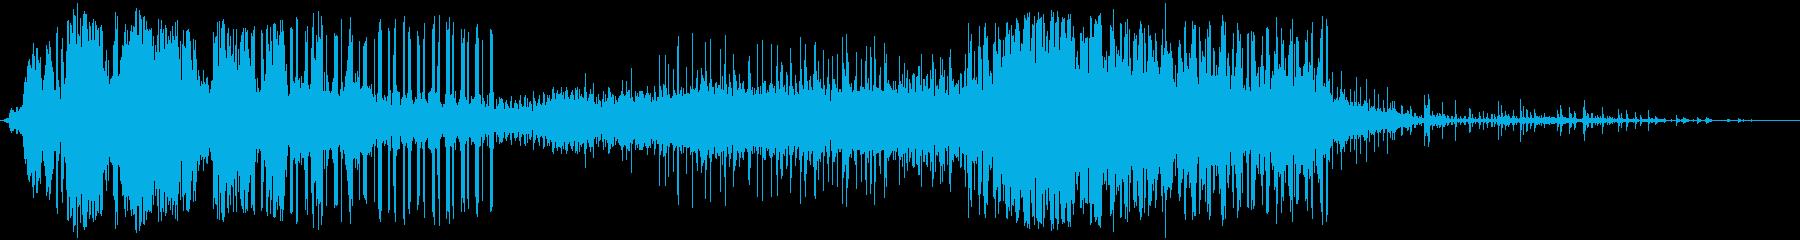 ビリビリ!電気 電磁波 パルス 火花1bの再生済みの波形